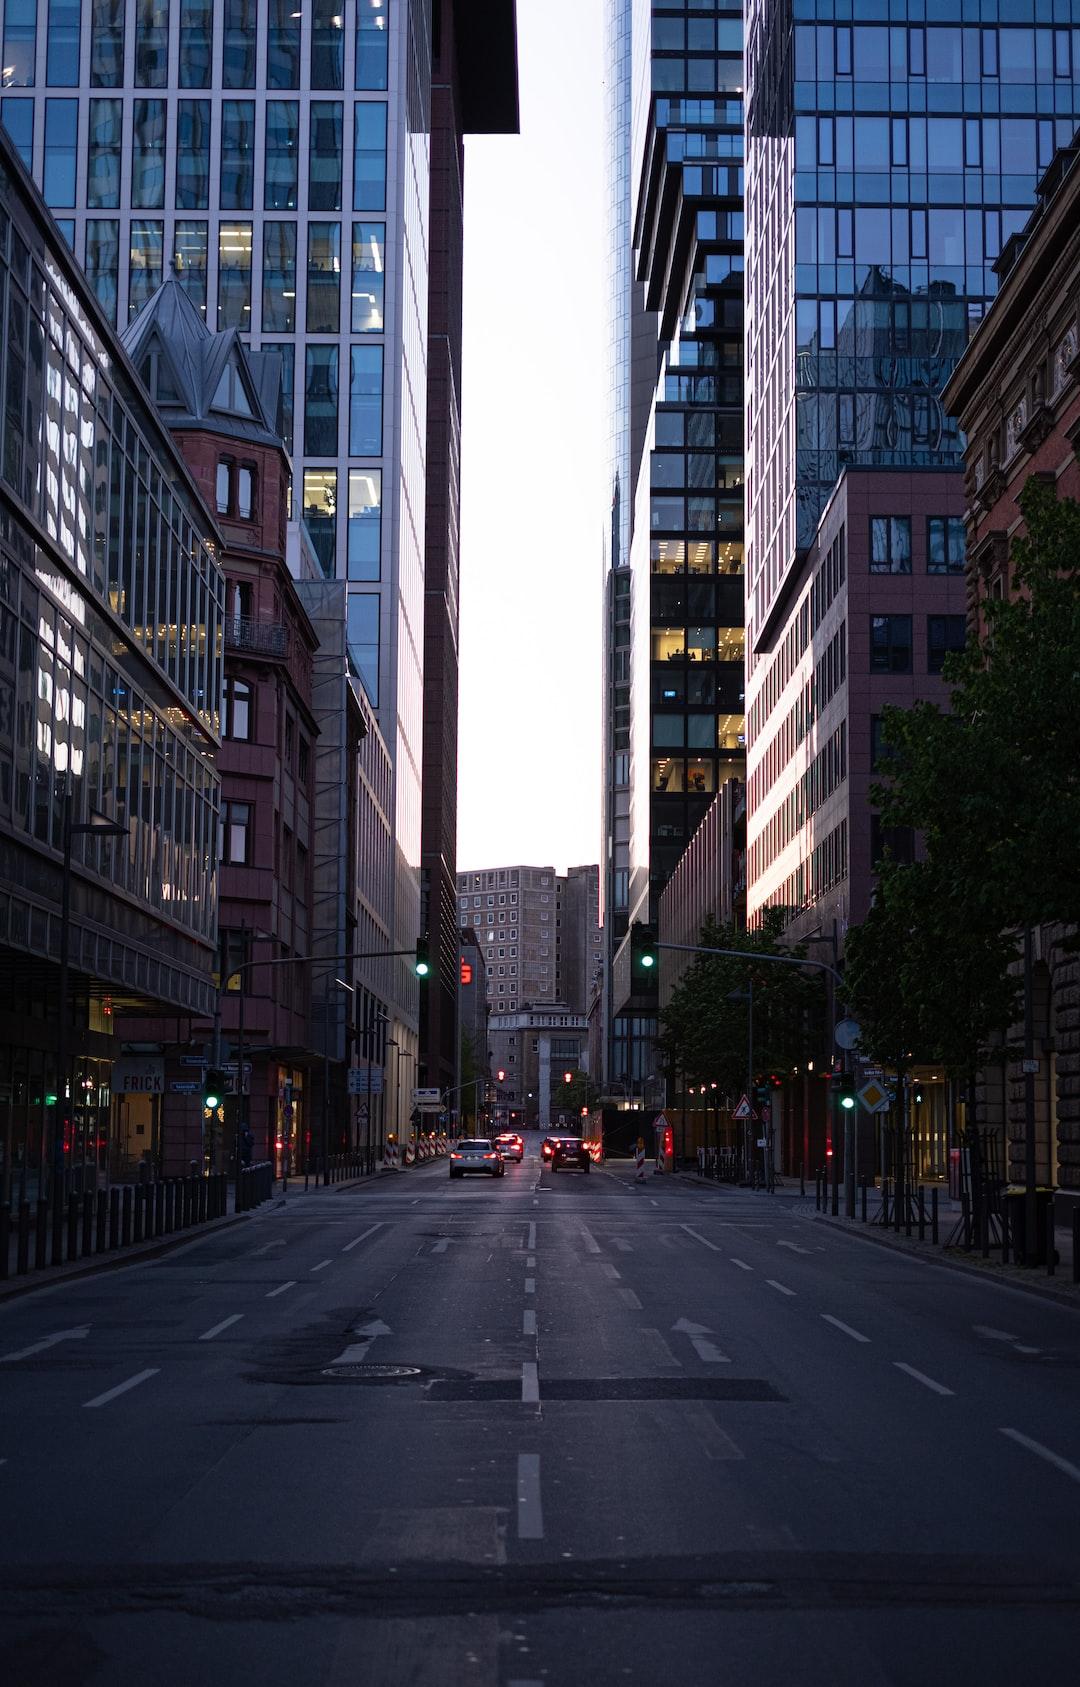 Street between tall buildings in Frankfurt, Germany